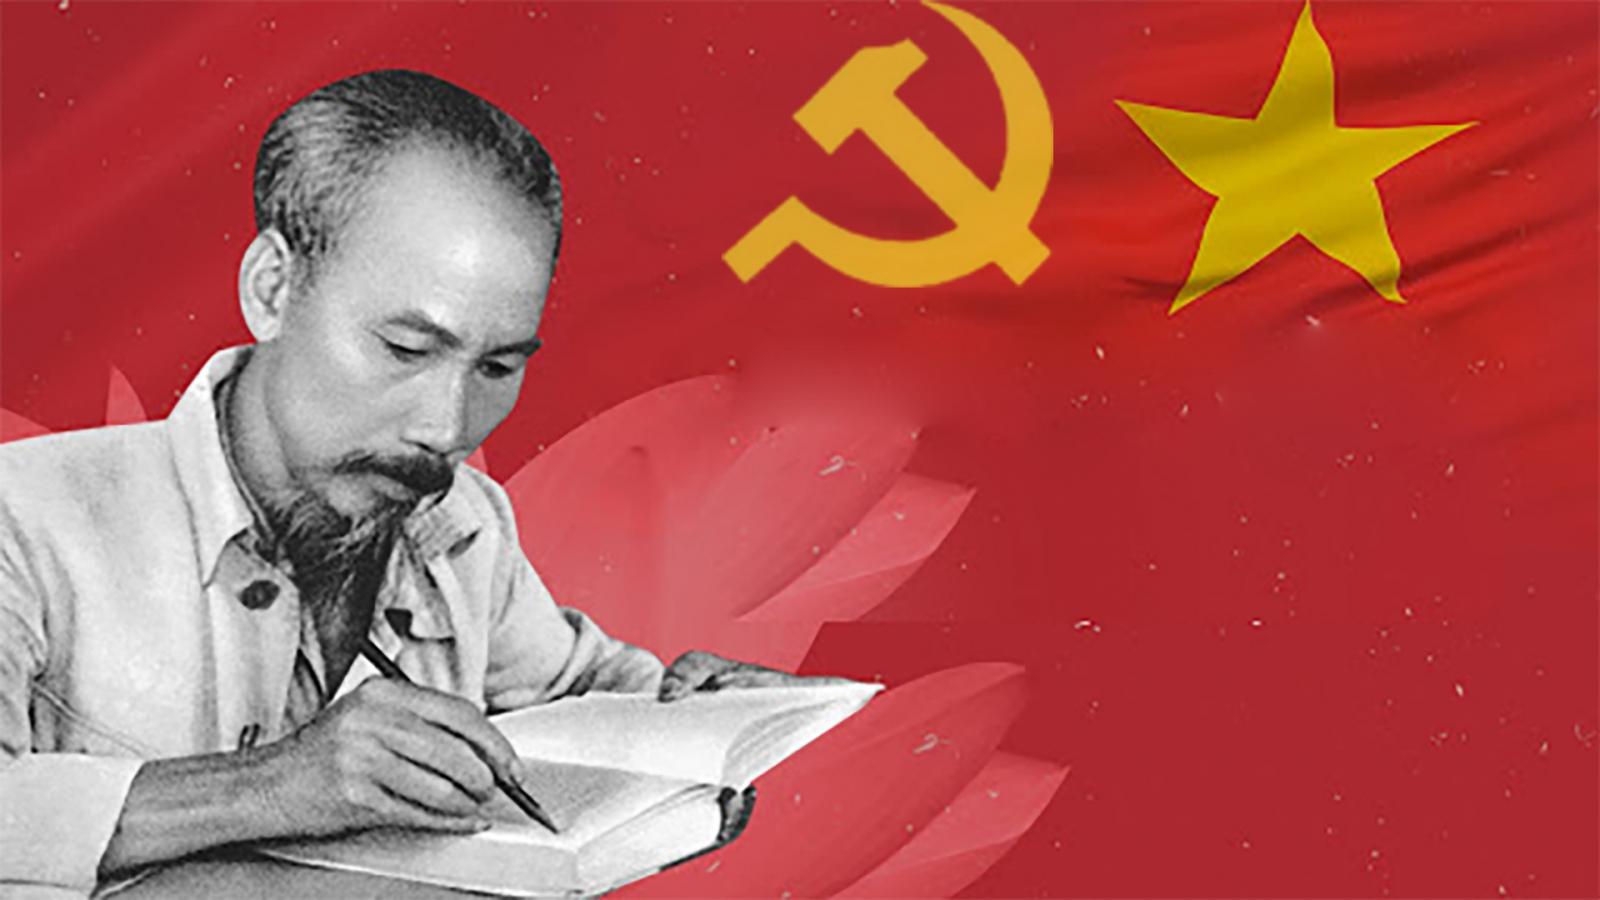 Chủ tịch Hồ Chí Minh - Người sáng lập Đảng Cộng sản Việt Nam